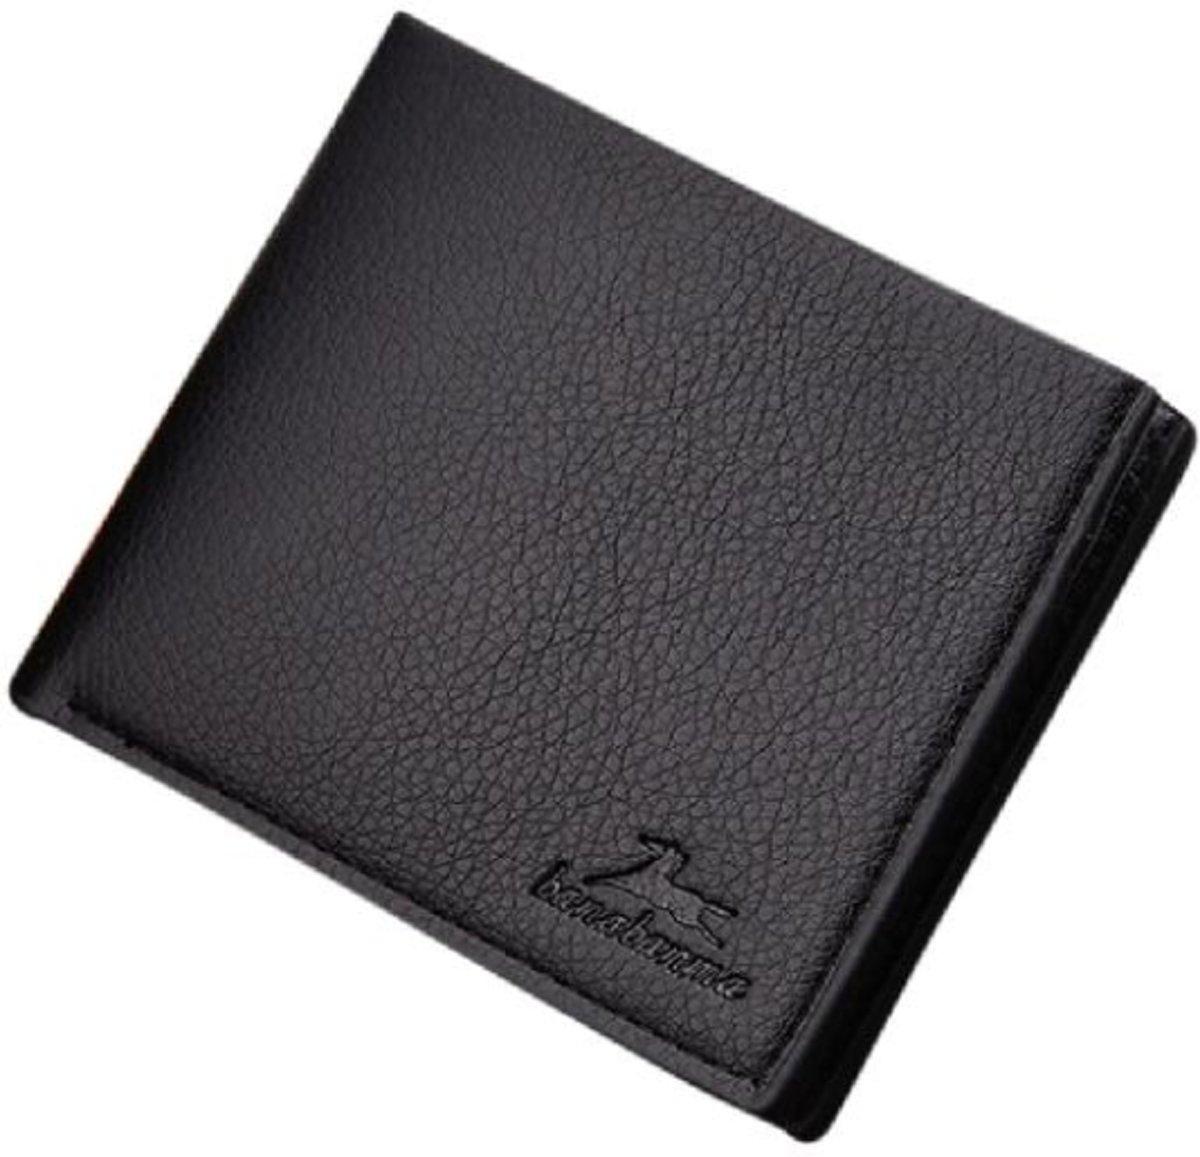 Luxe Zwarte Portemonnee – Portefeuille Heren Billfold